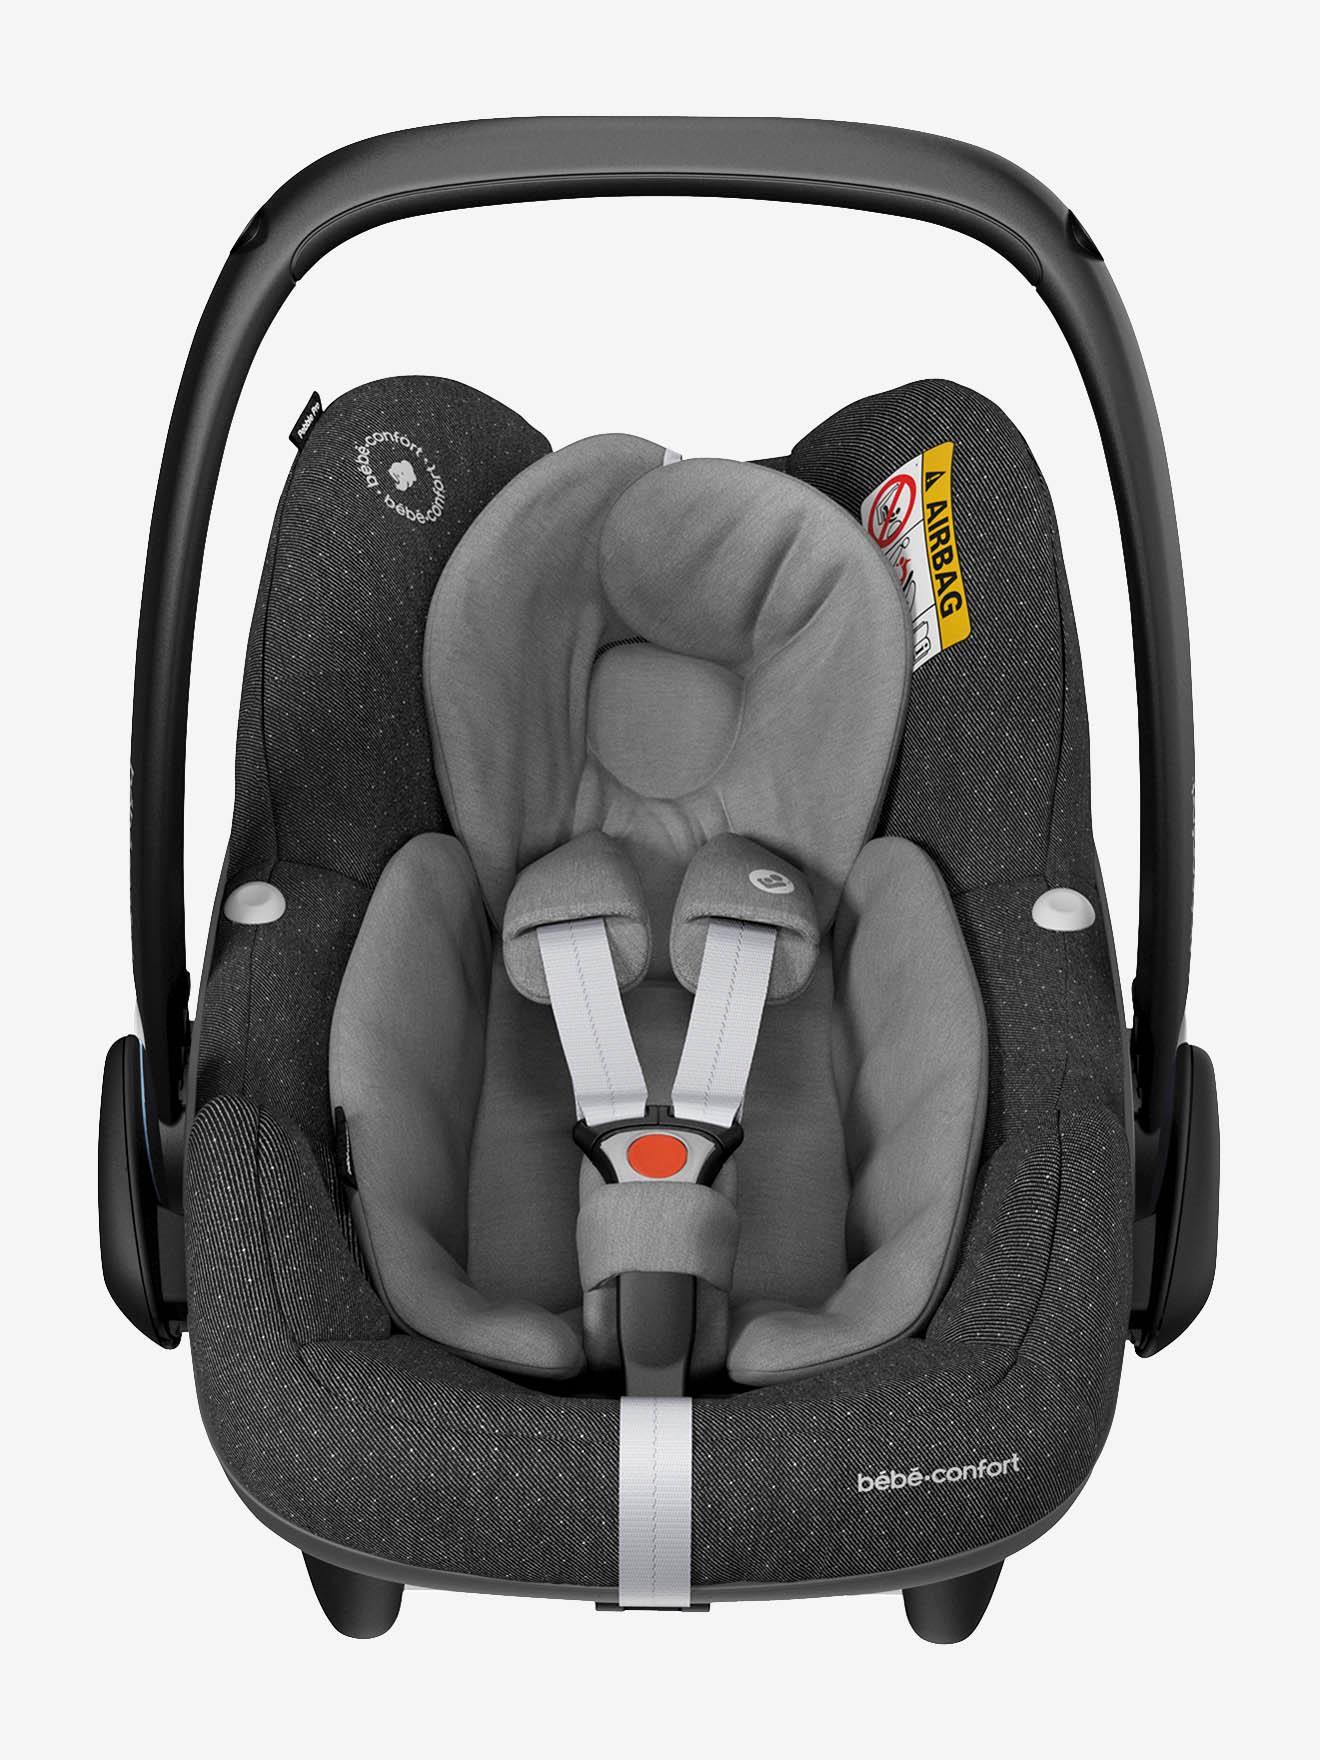 Silla de coche Cosi Pebble Pro i Size BEBE CONFORT gris medio liso